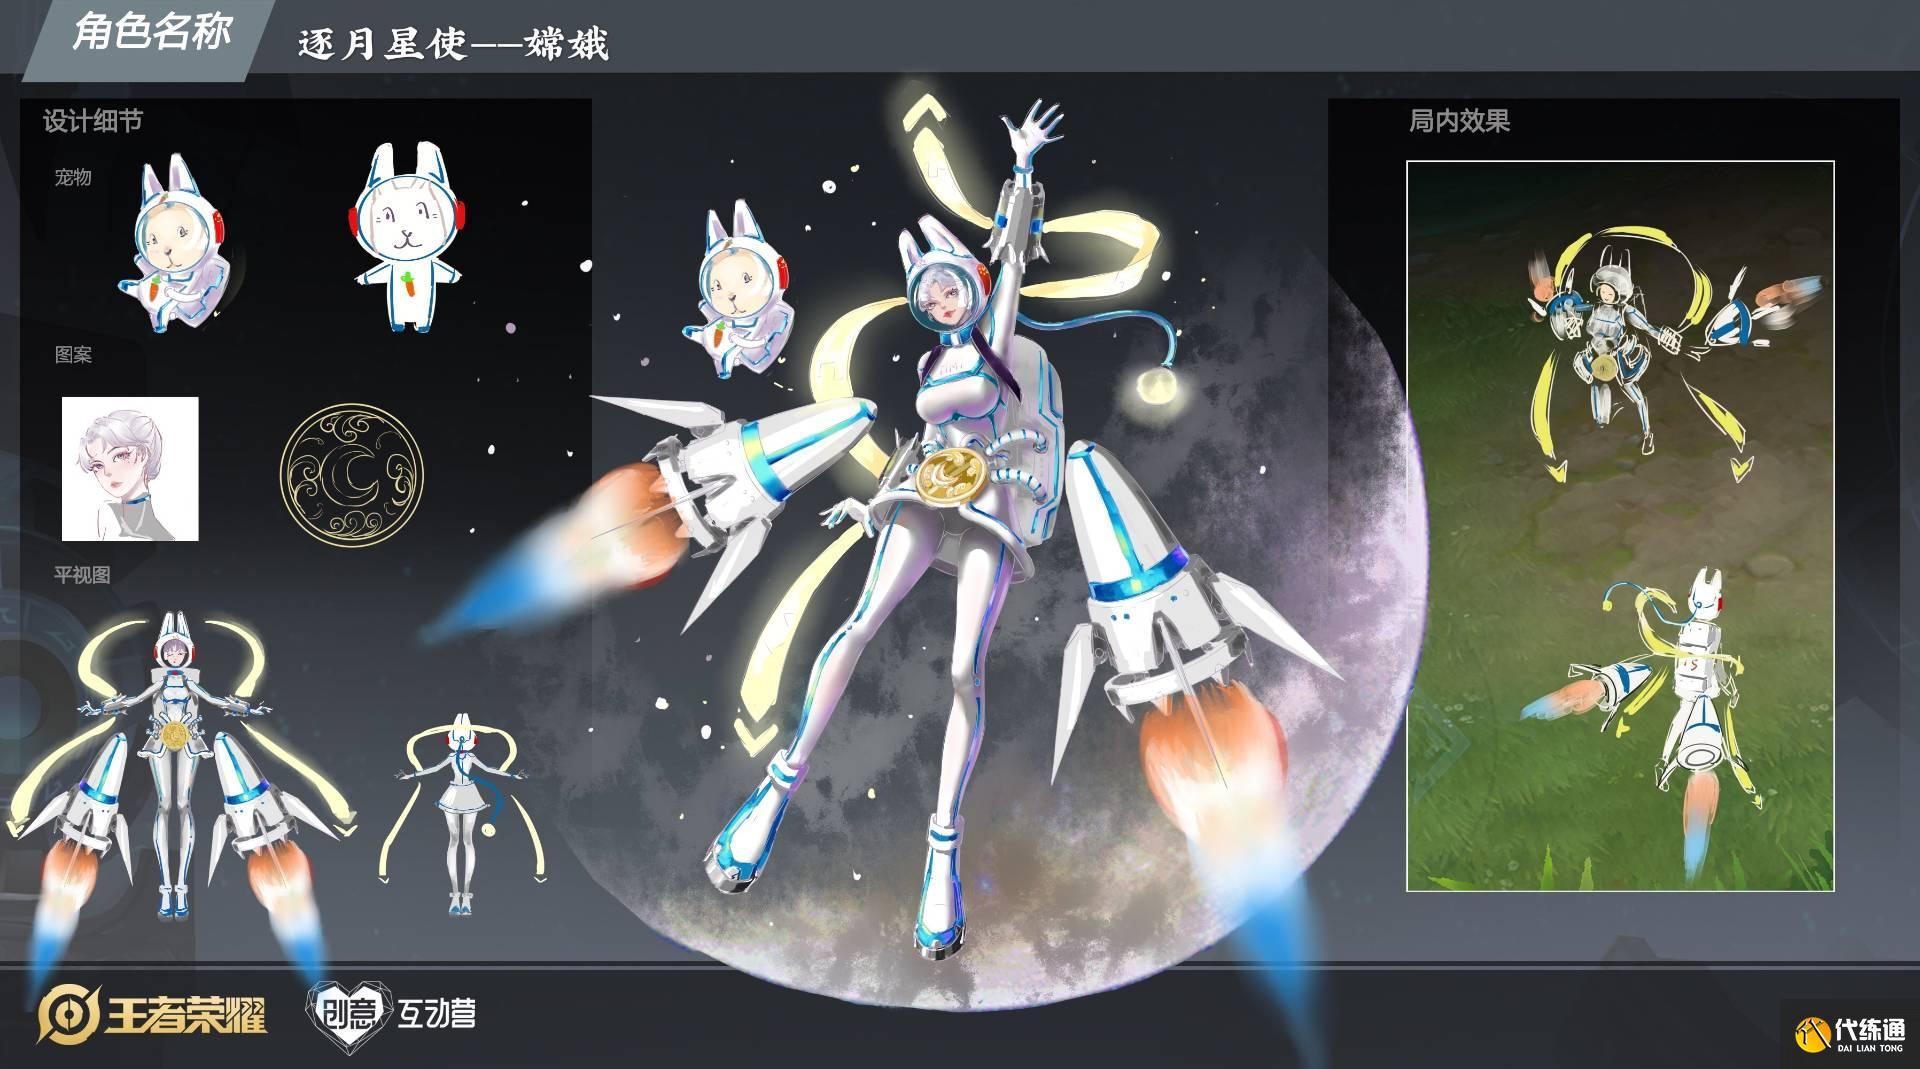 王者榮耀嫦娥首輪投票截止,官方挑三款進終選,星空與水月最優秀